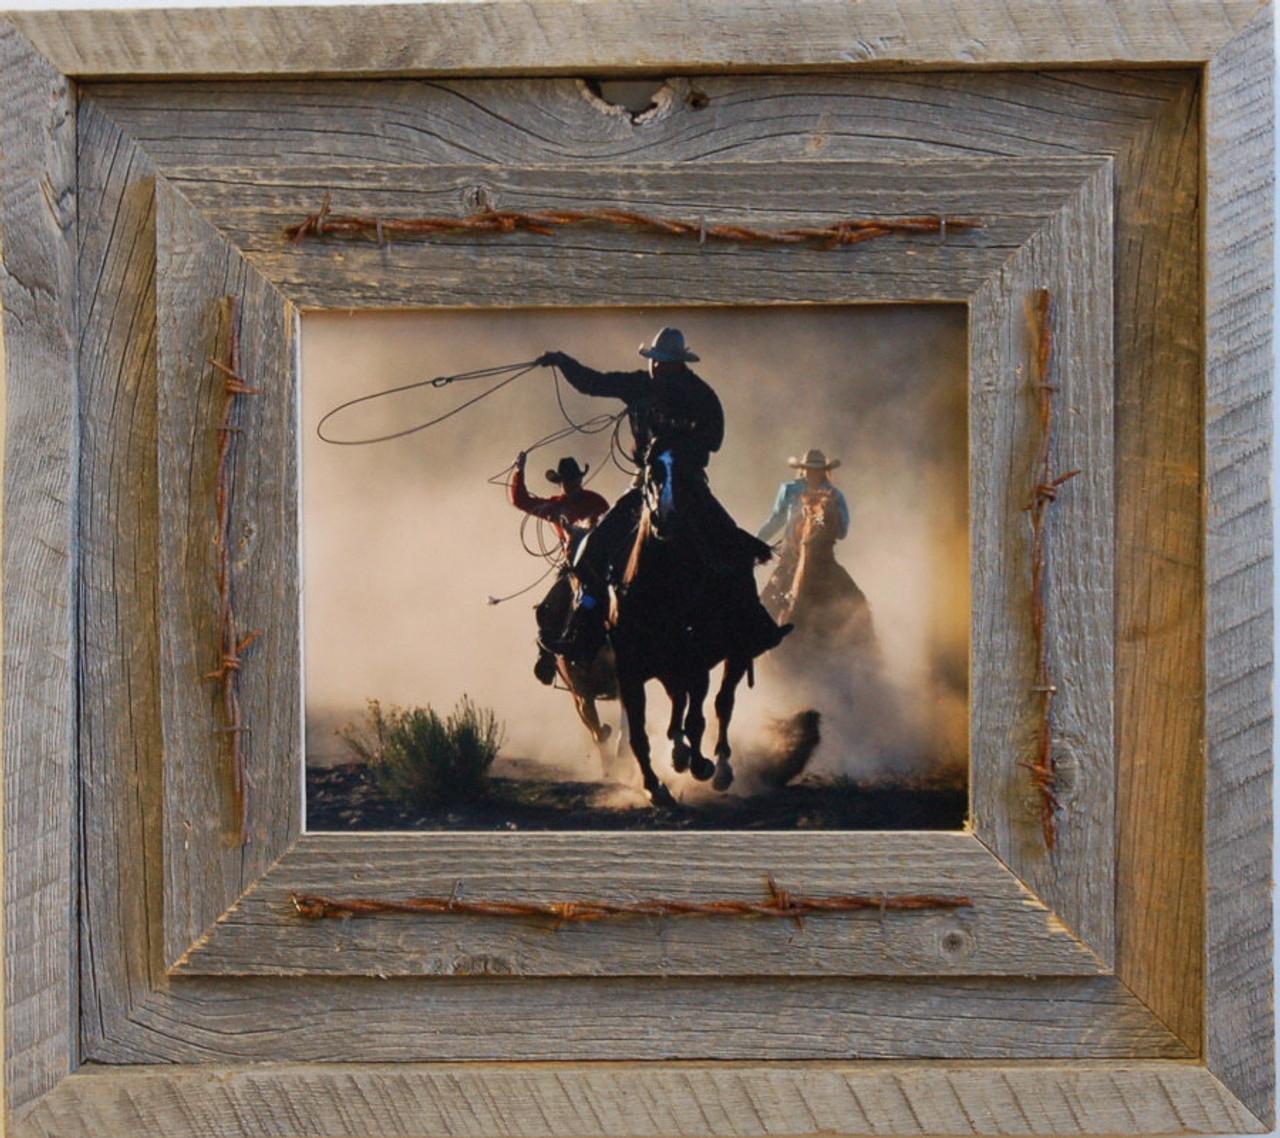 Barnwood Frame | Reclaimed Wood Frame 11x14